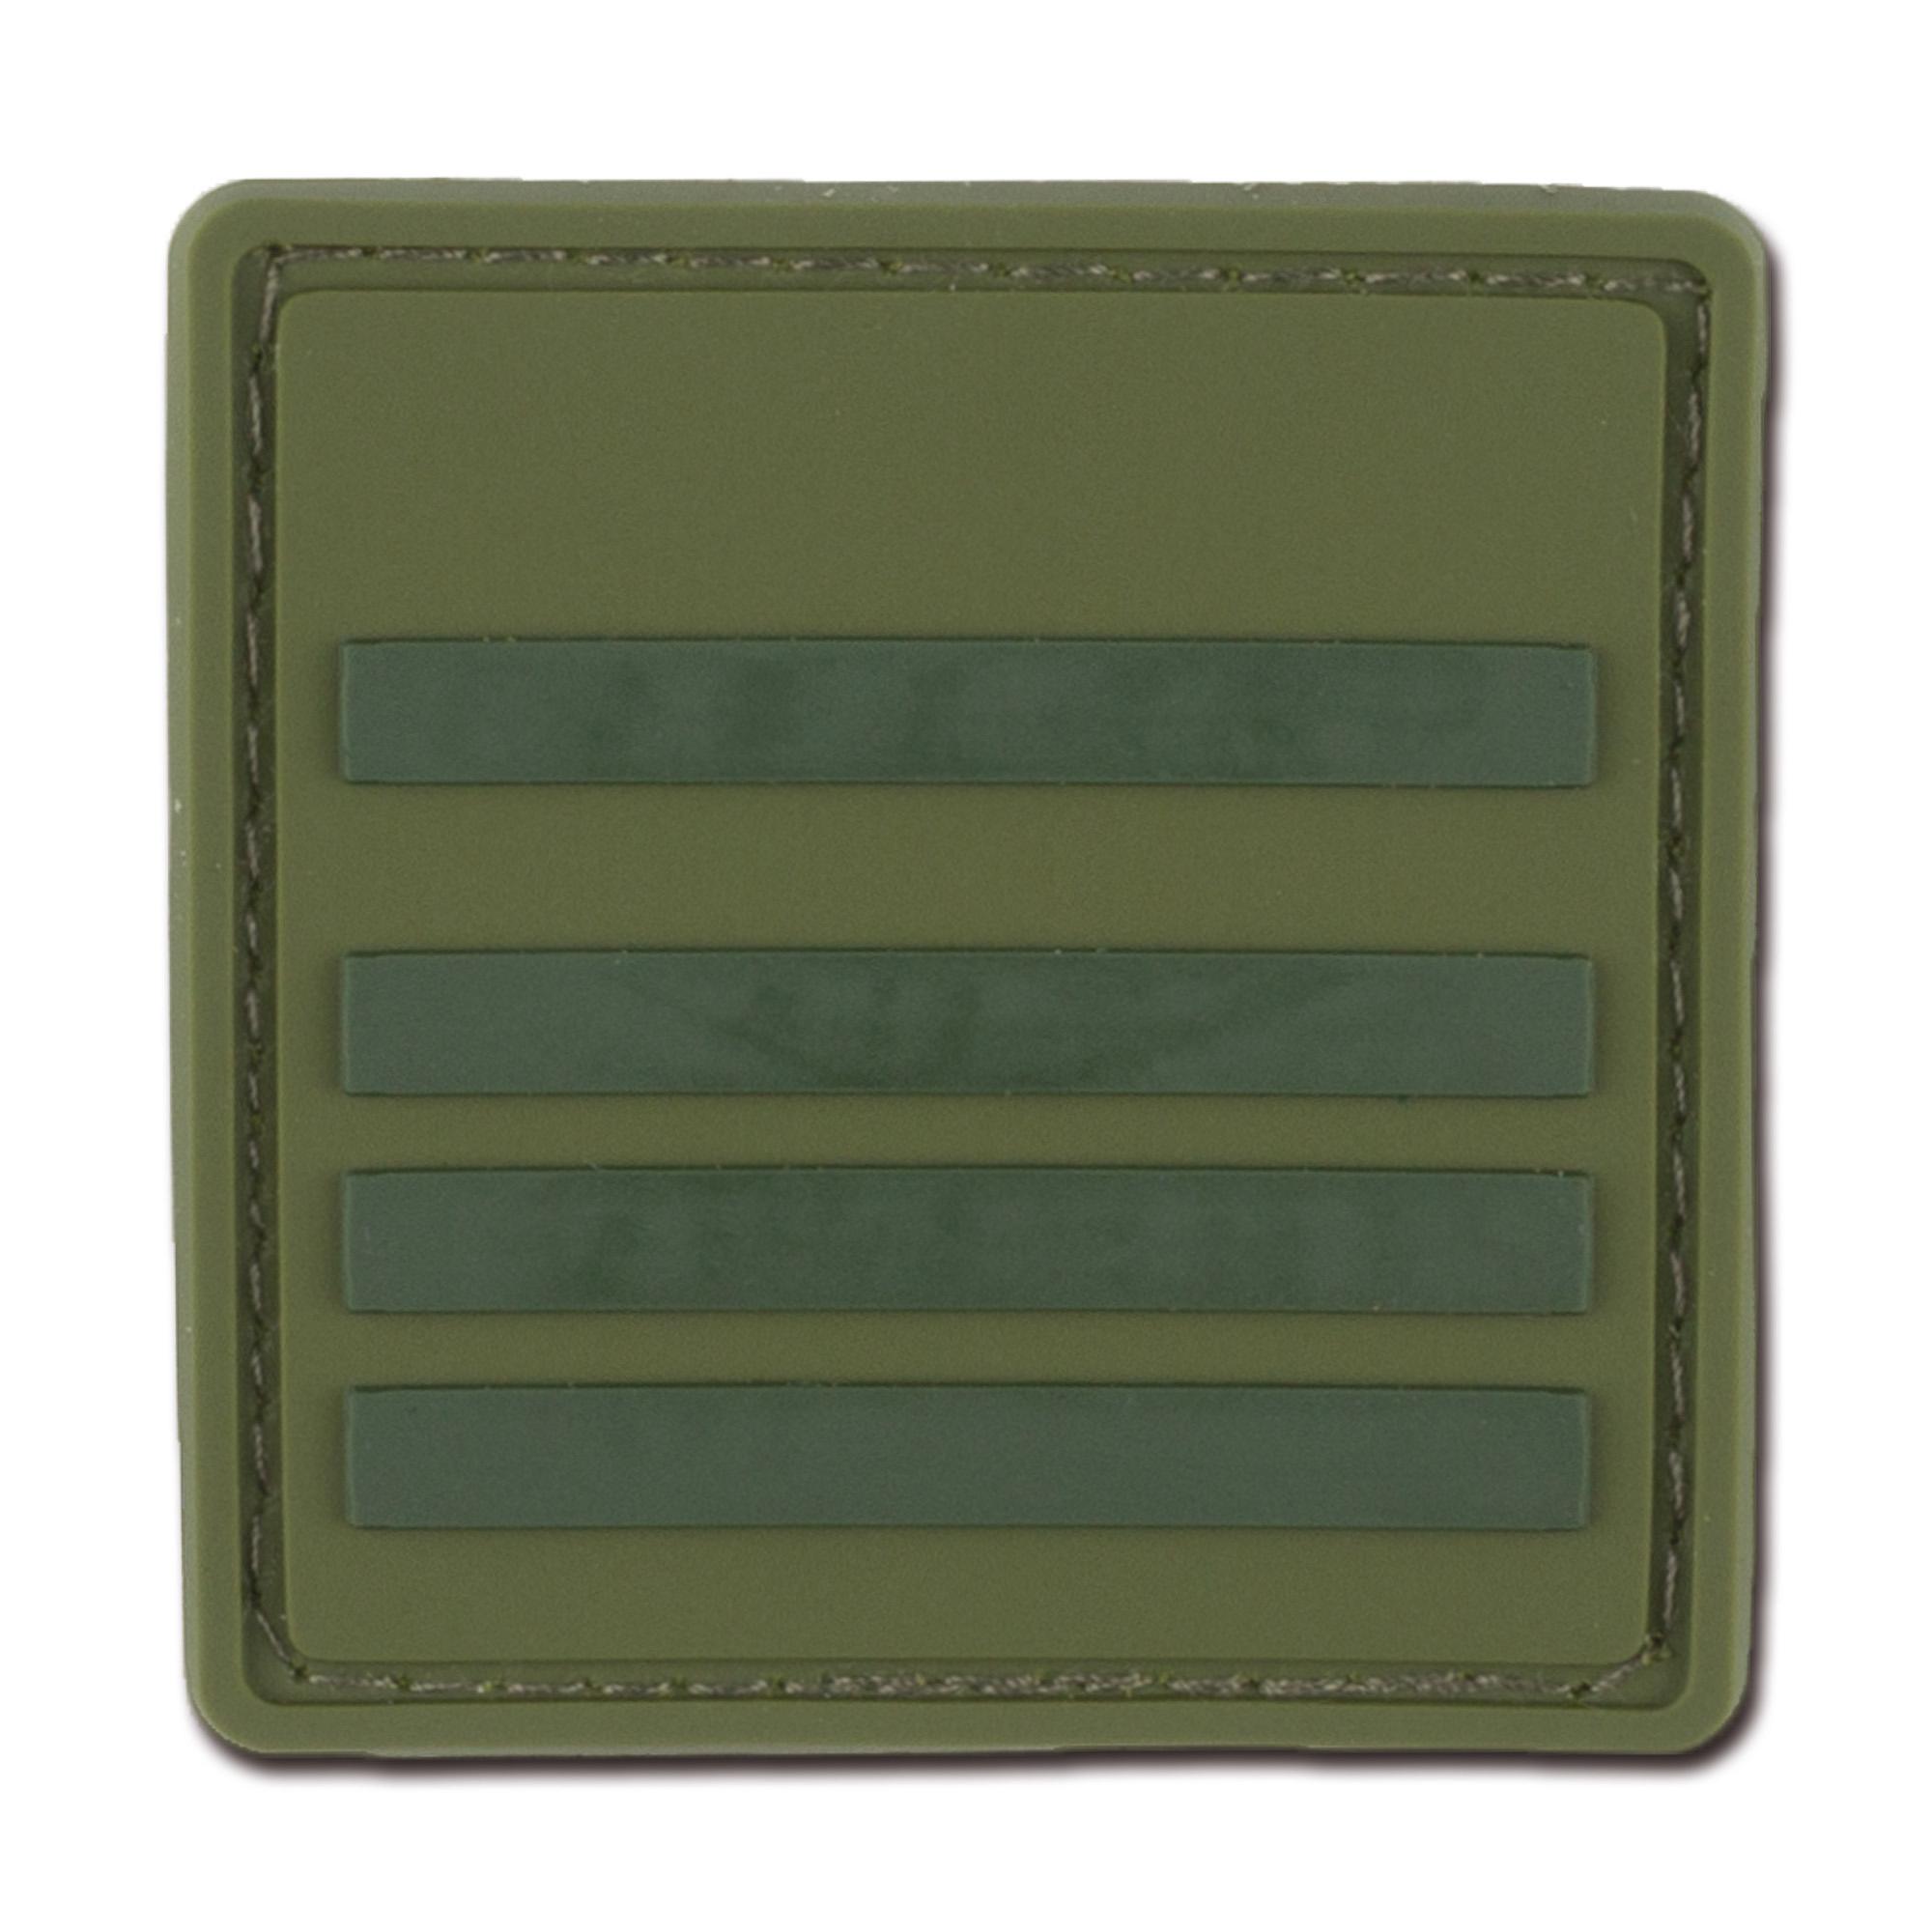 Dienstgradabzeichen Frankreich Commandant oliv tarn